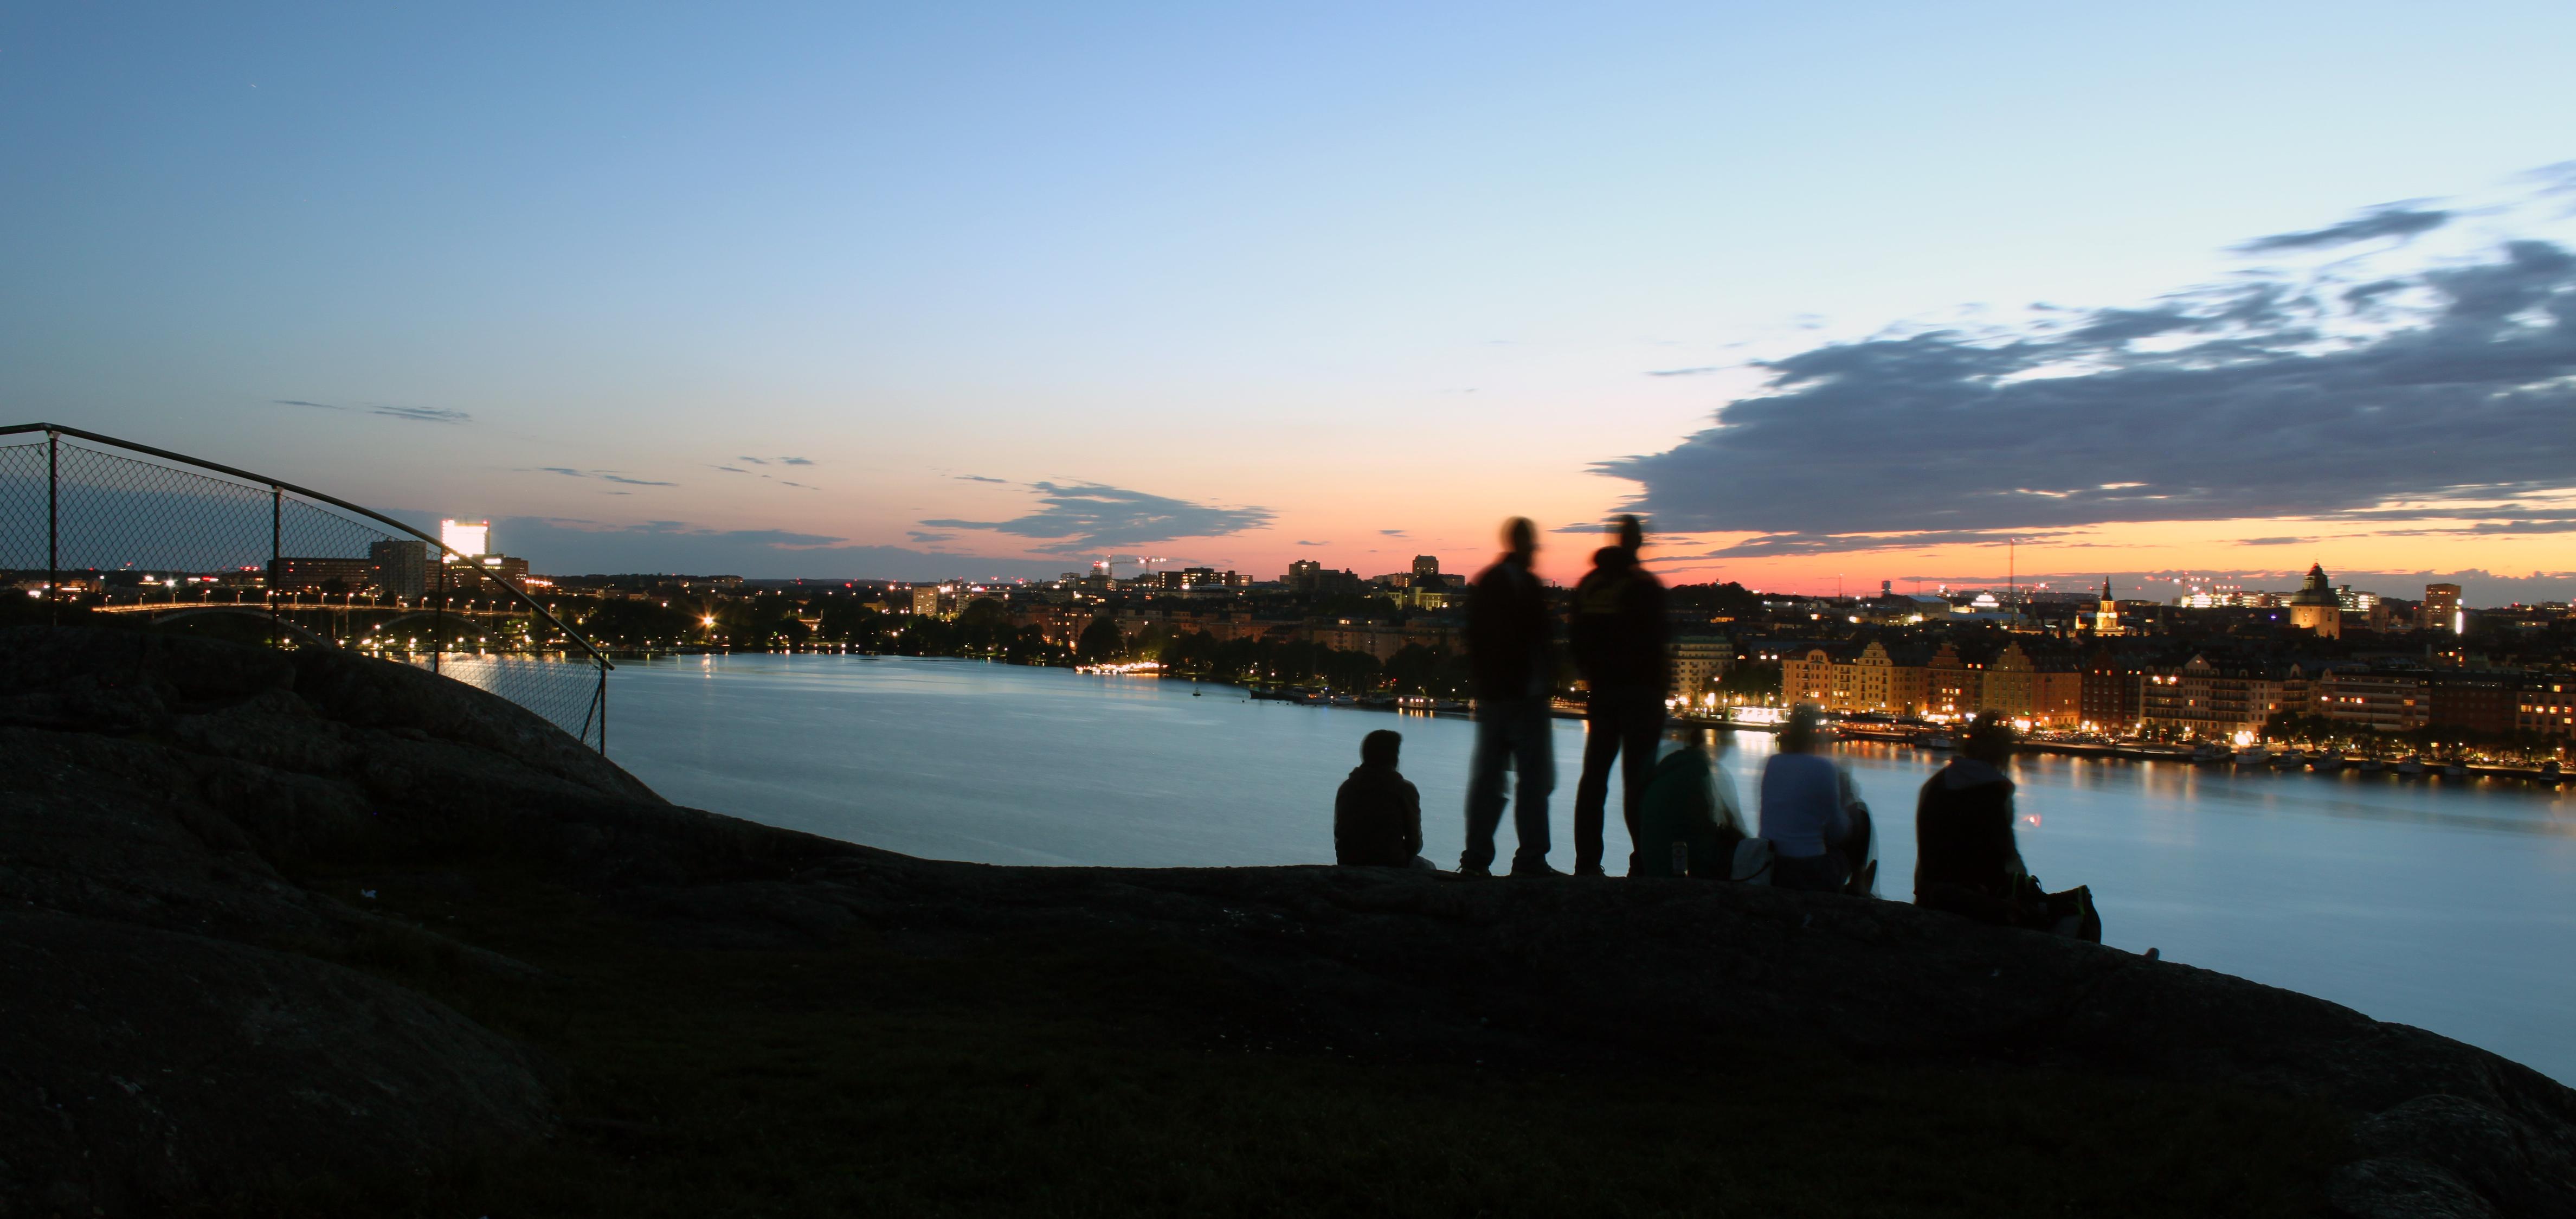 Na čo najviac míňajú mladí Slováci? Odpoveď vás (ne)prekvapí